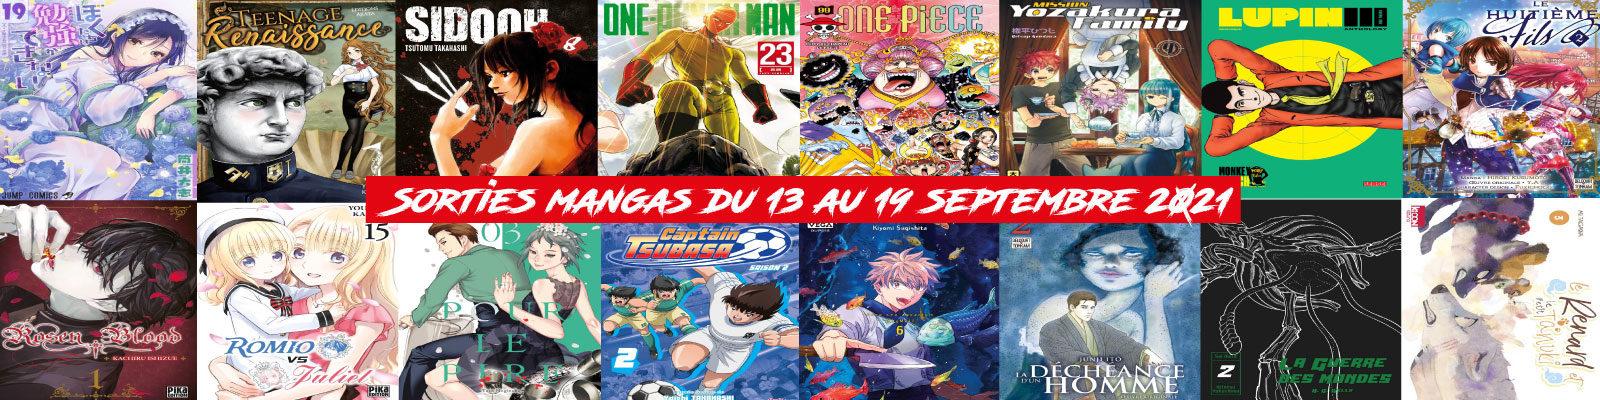 sorties mangas-13192